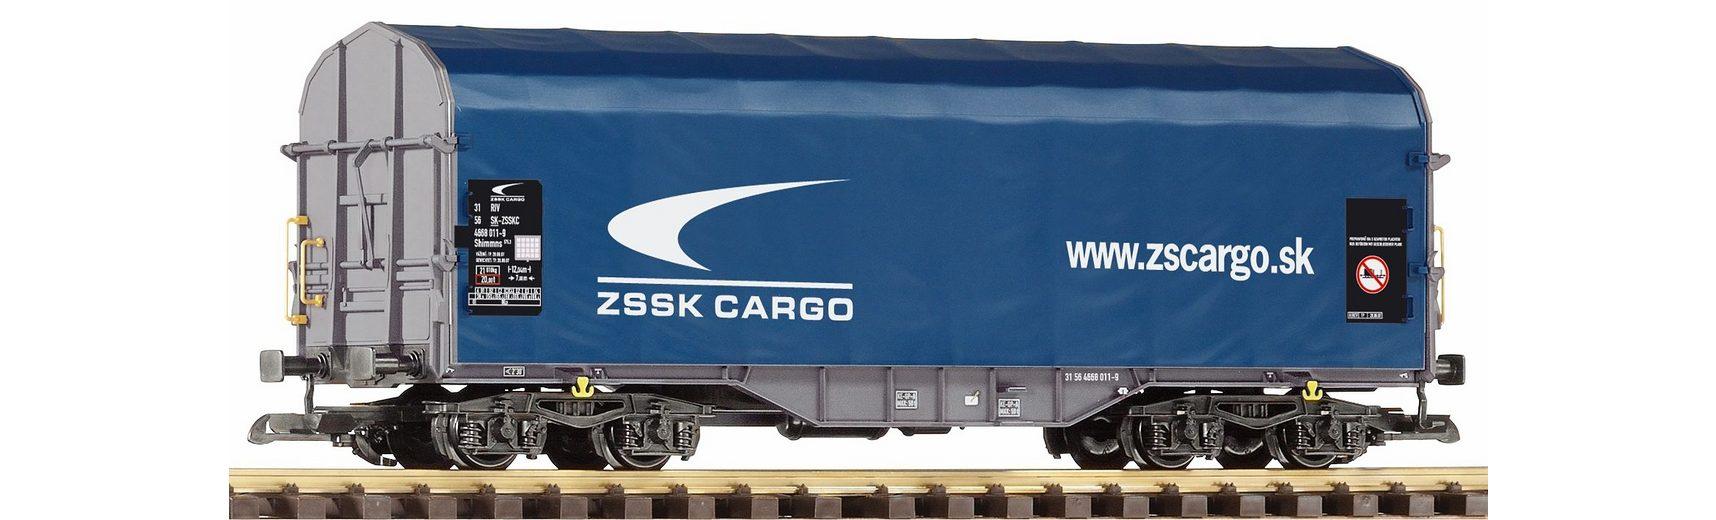 PIKO Güterwagen, Spur G, »Schiebeplanenwagen Shimmns Zssk Cargo - Gleichstrom«